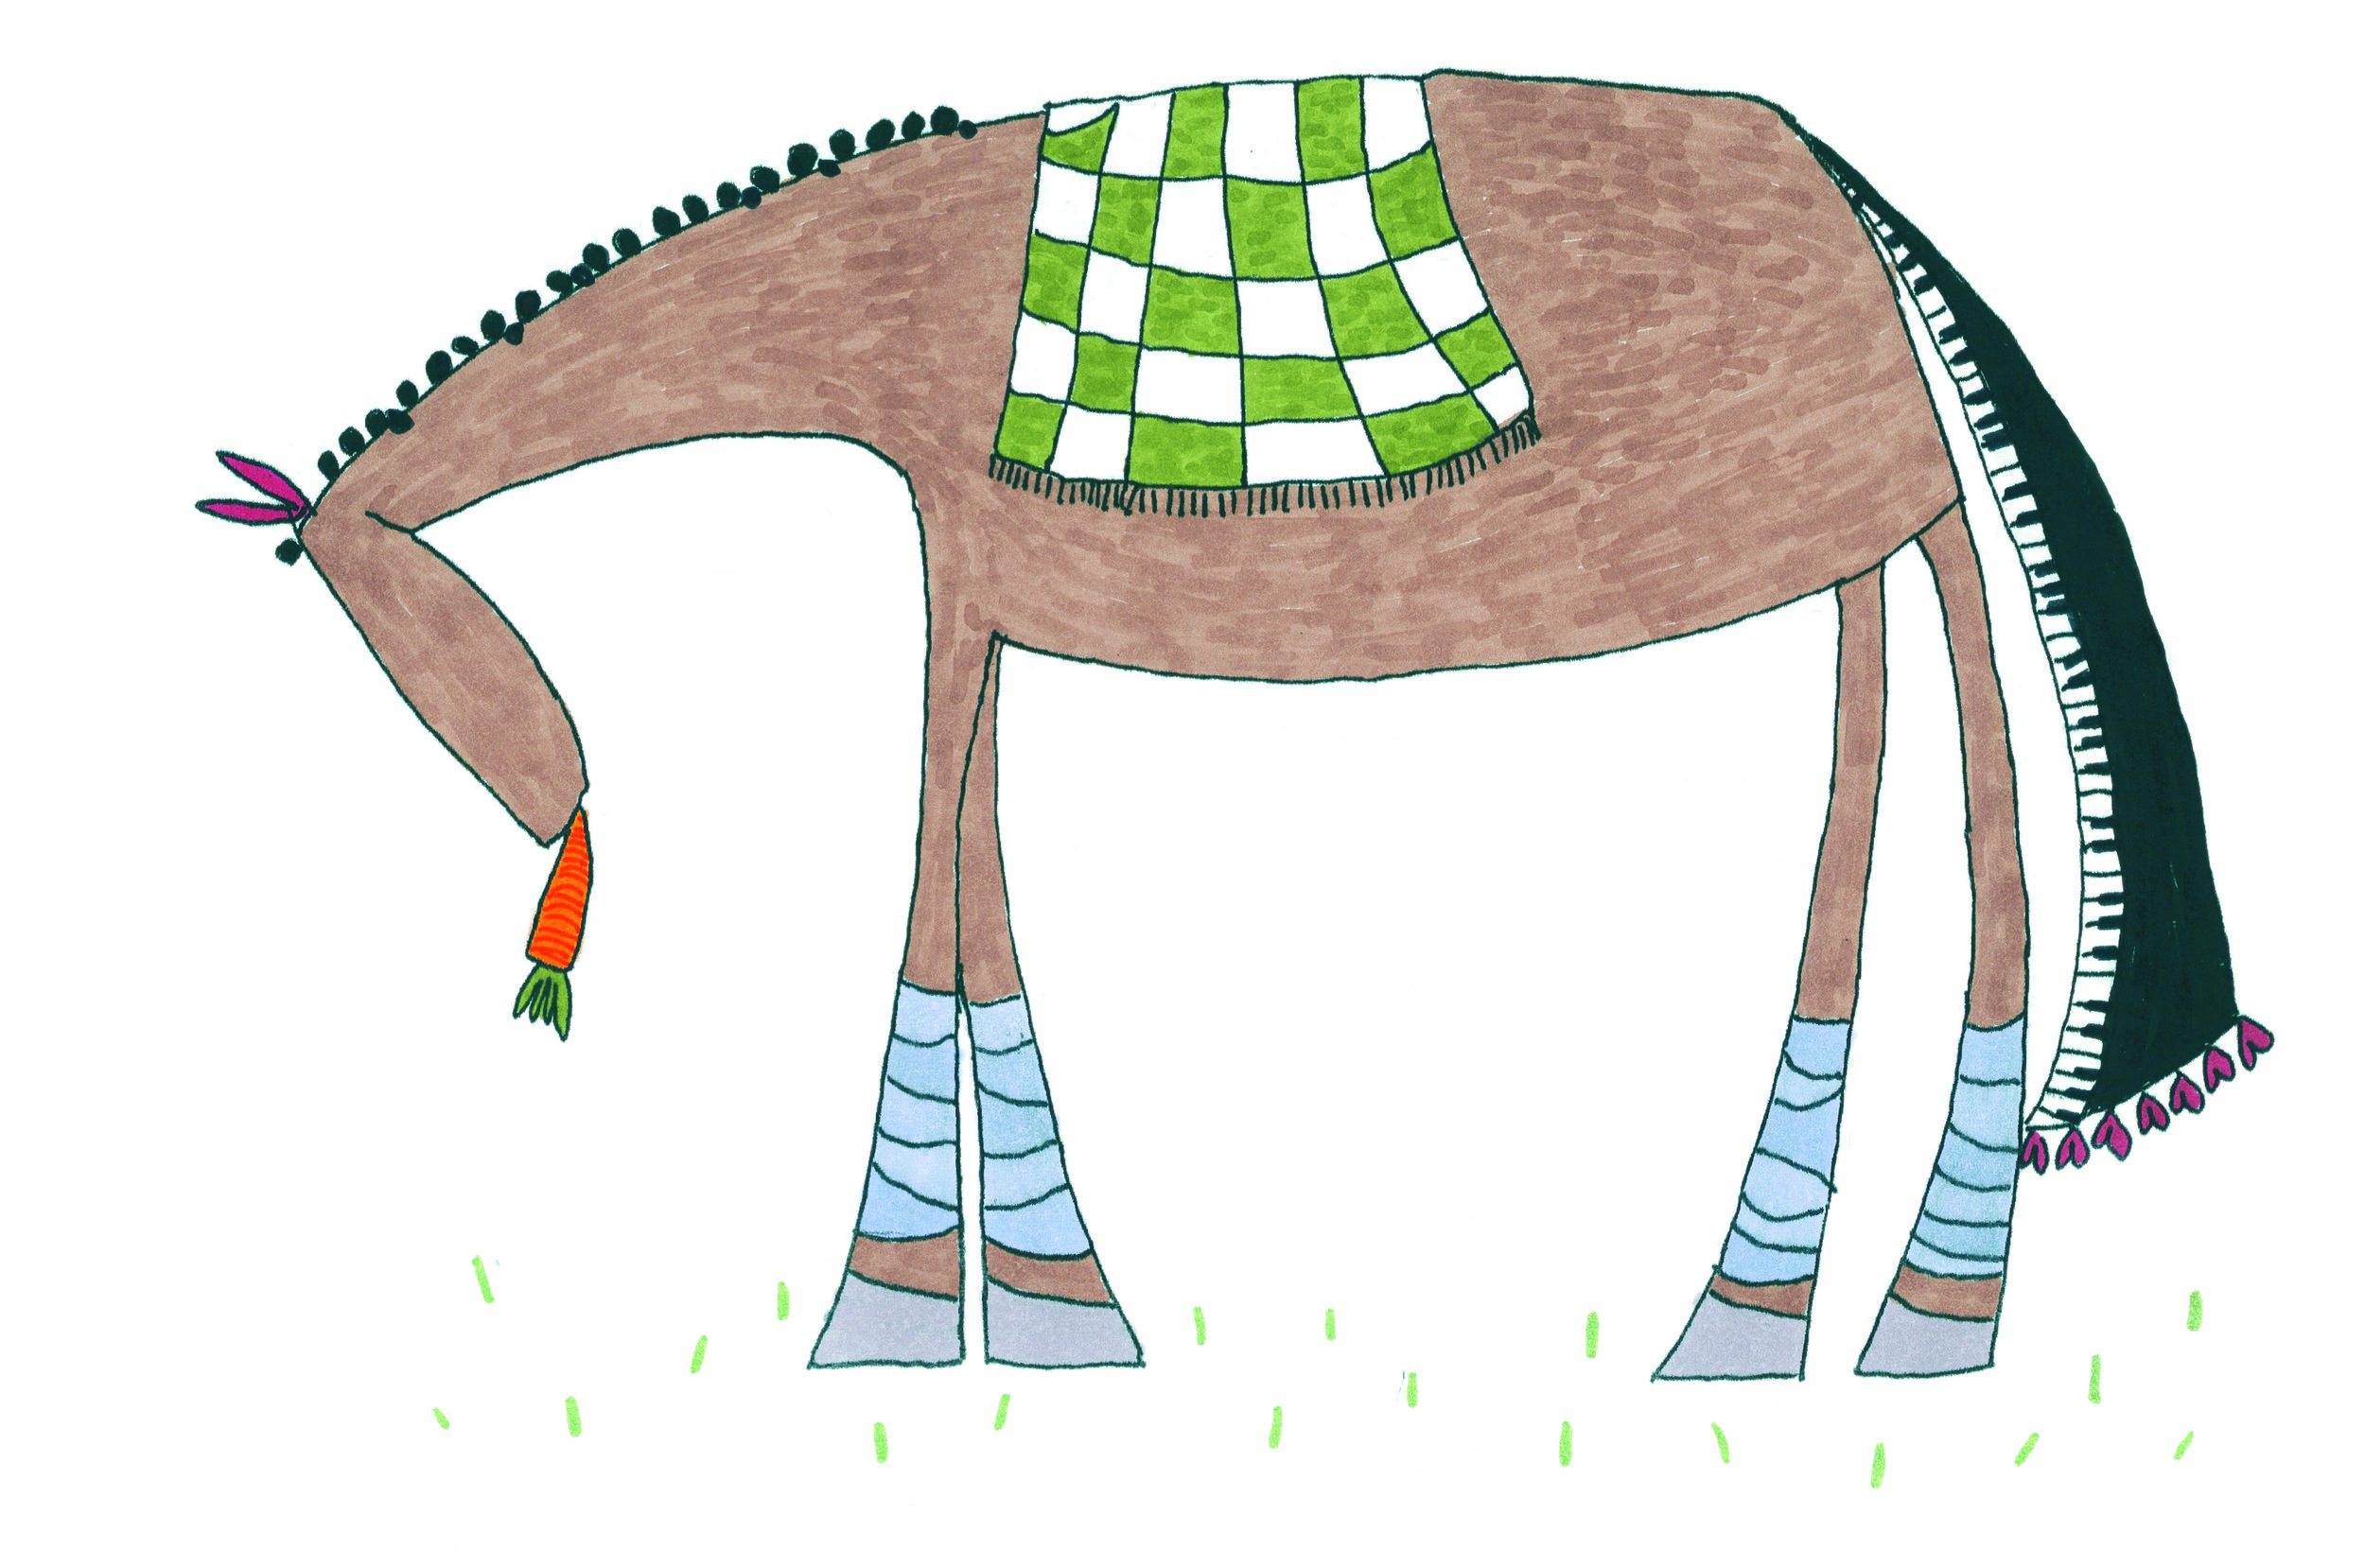 throwmeacarrot2+horse+&+carrot+aa+3.jpg